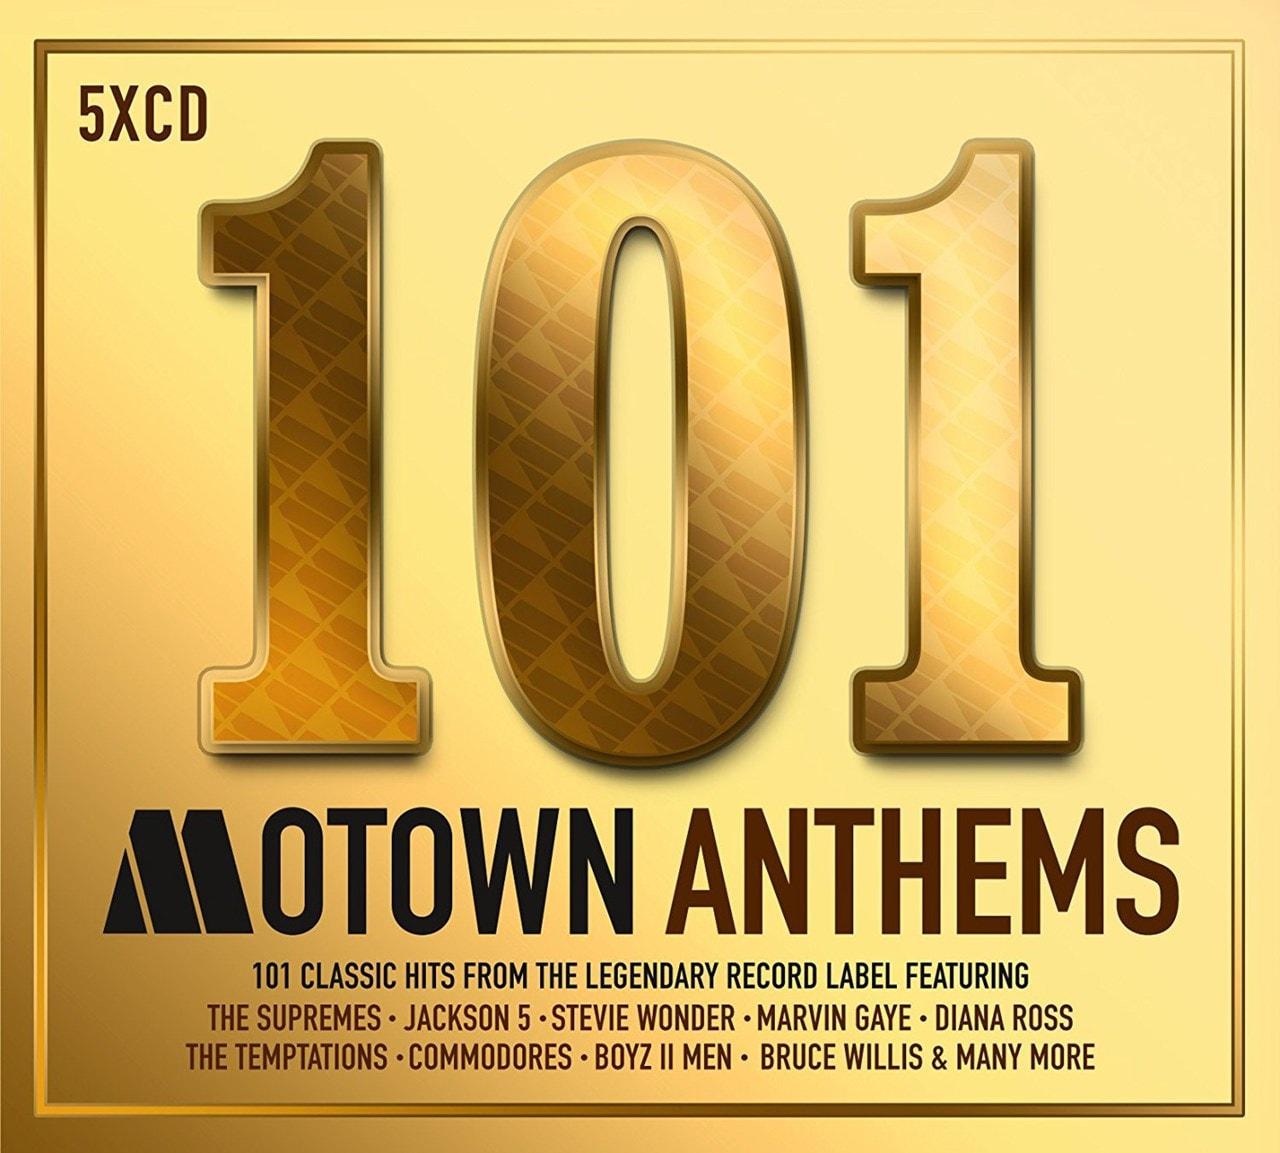 101 Motown Anthems - 1